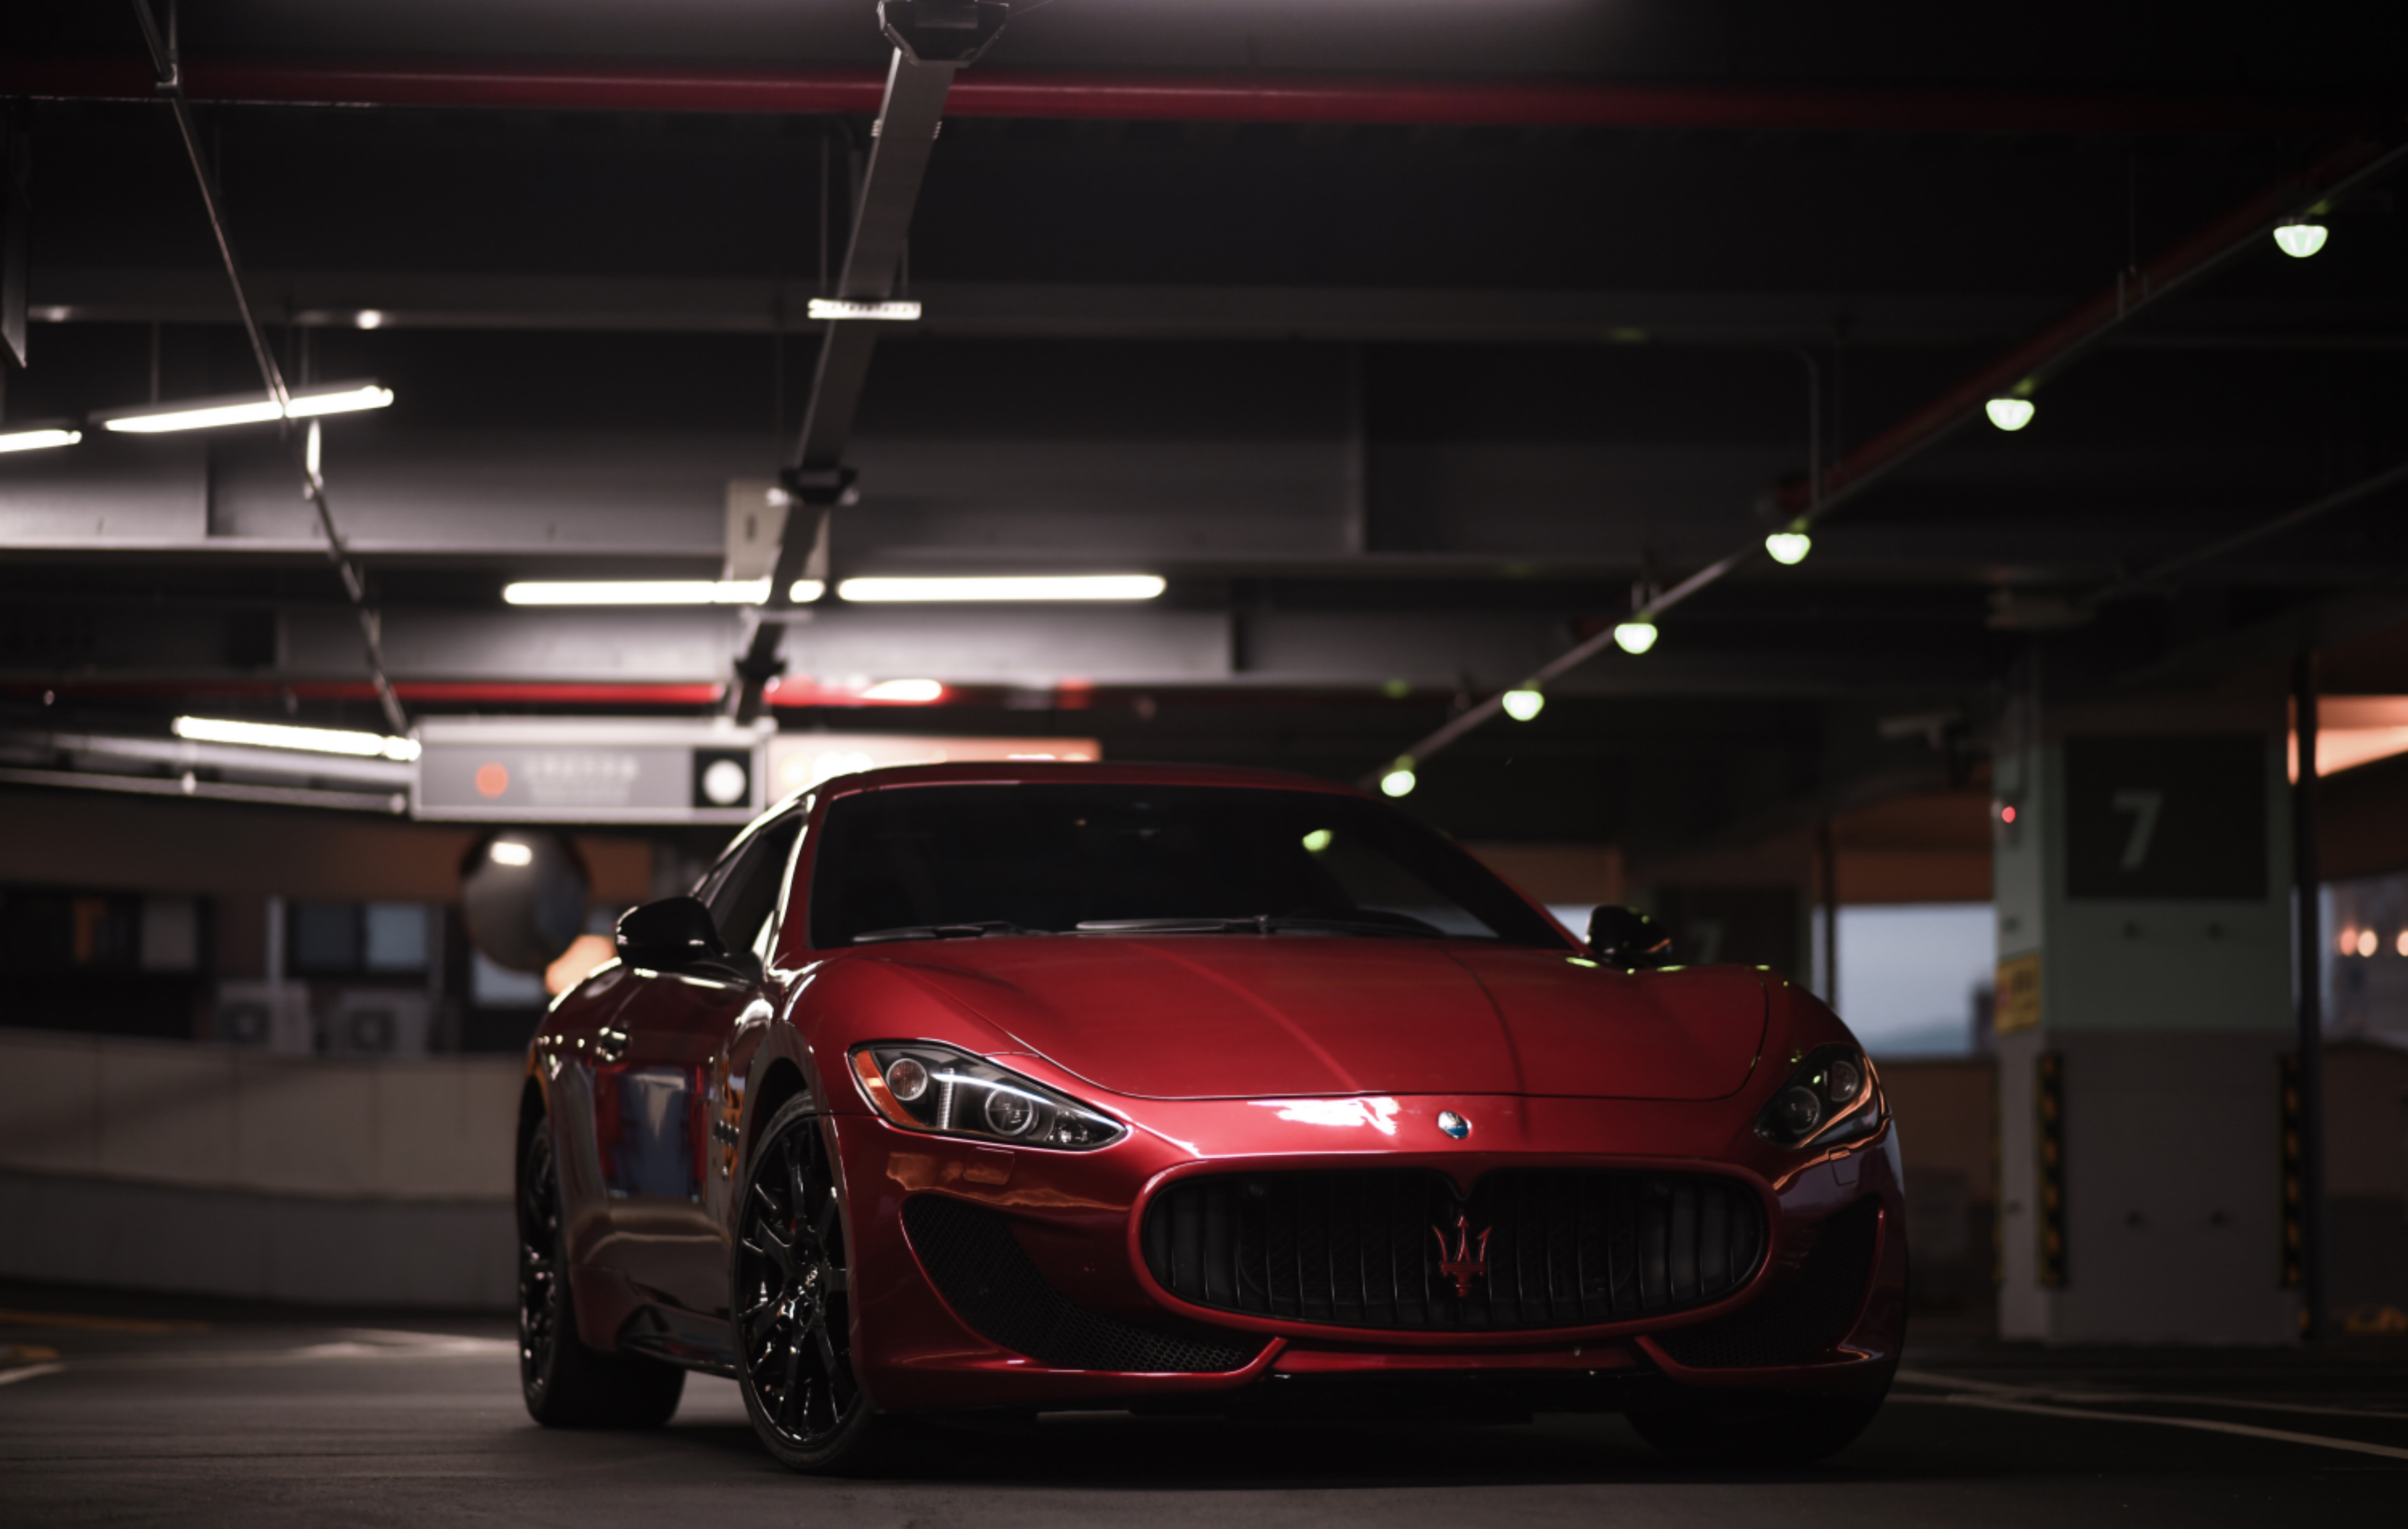 114000 Hintergrundbild herunterladen Maserati, Cars, Vorderansicht, Frontansicht, Suite, Lux, Maserati Granturismo, Luxuriös, Luxuriöse - Bildschirmschoner und Bilder kostenlos